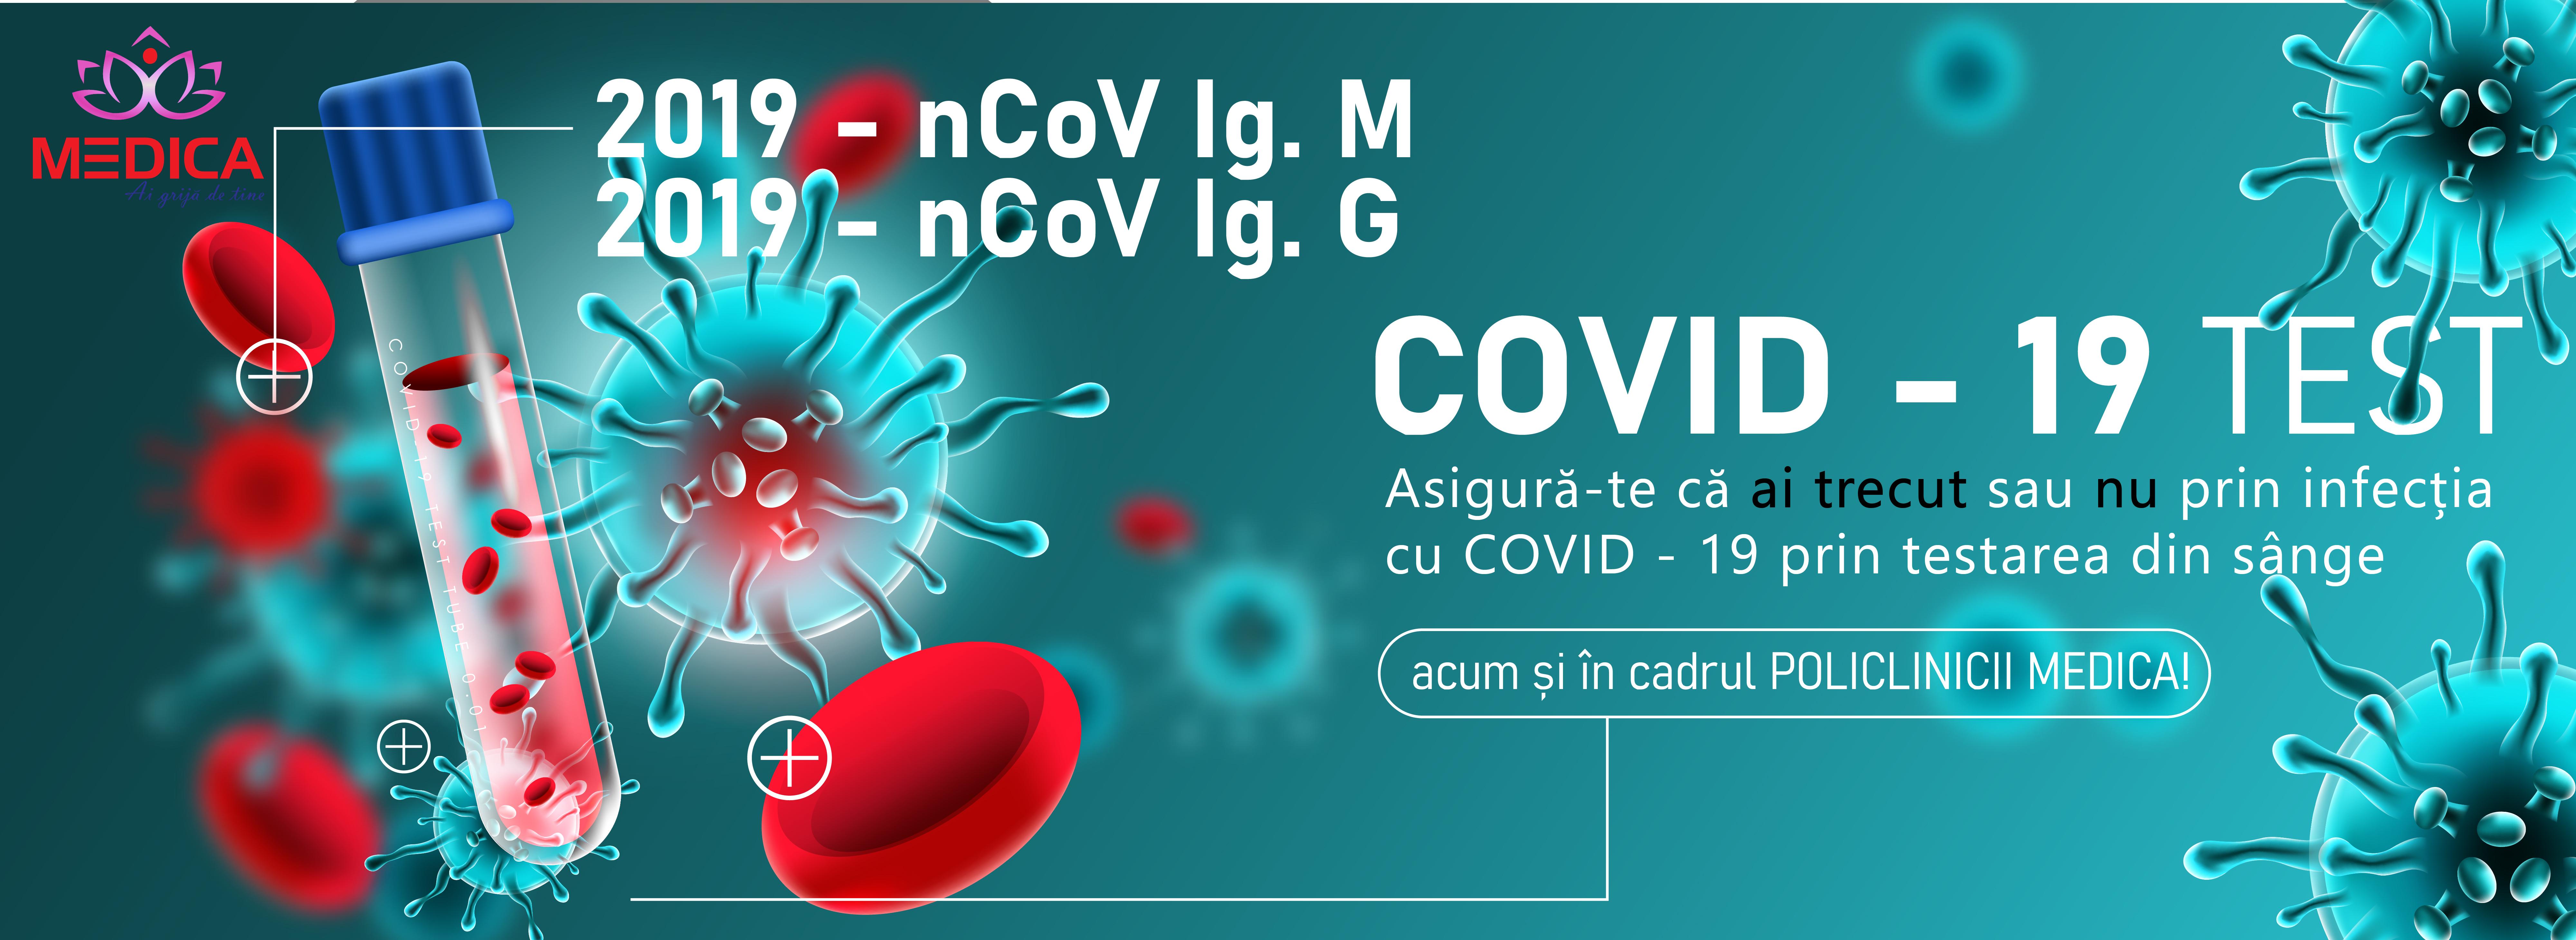 Testare COVID - 19